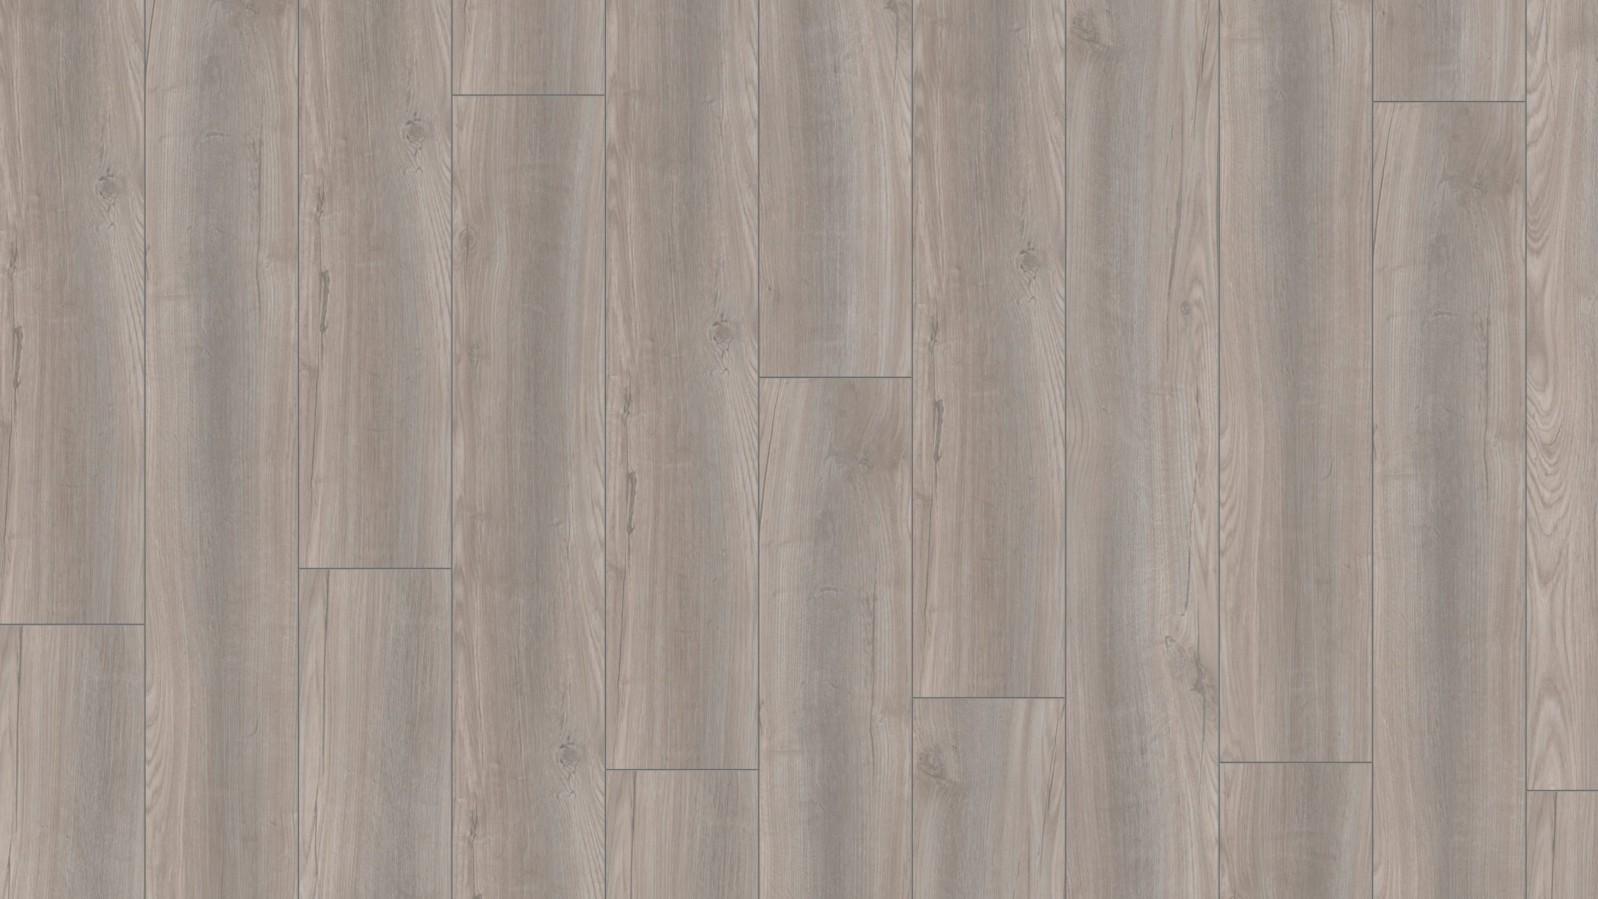 Kronotex Ламинат Exquisit D4612 Дуб Порт серый